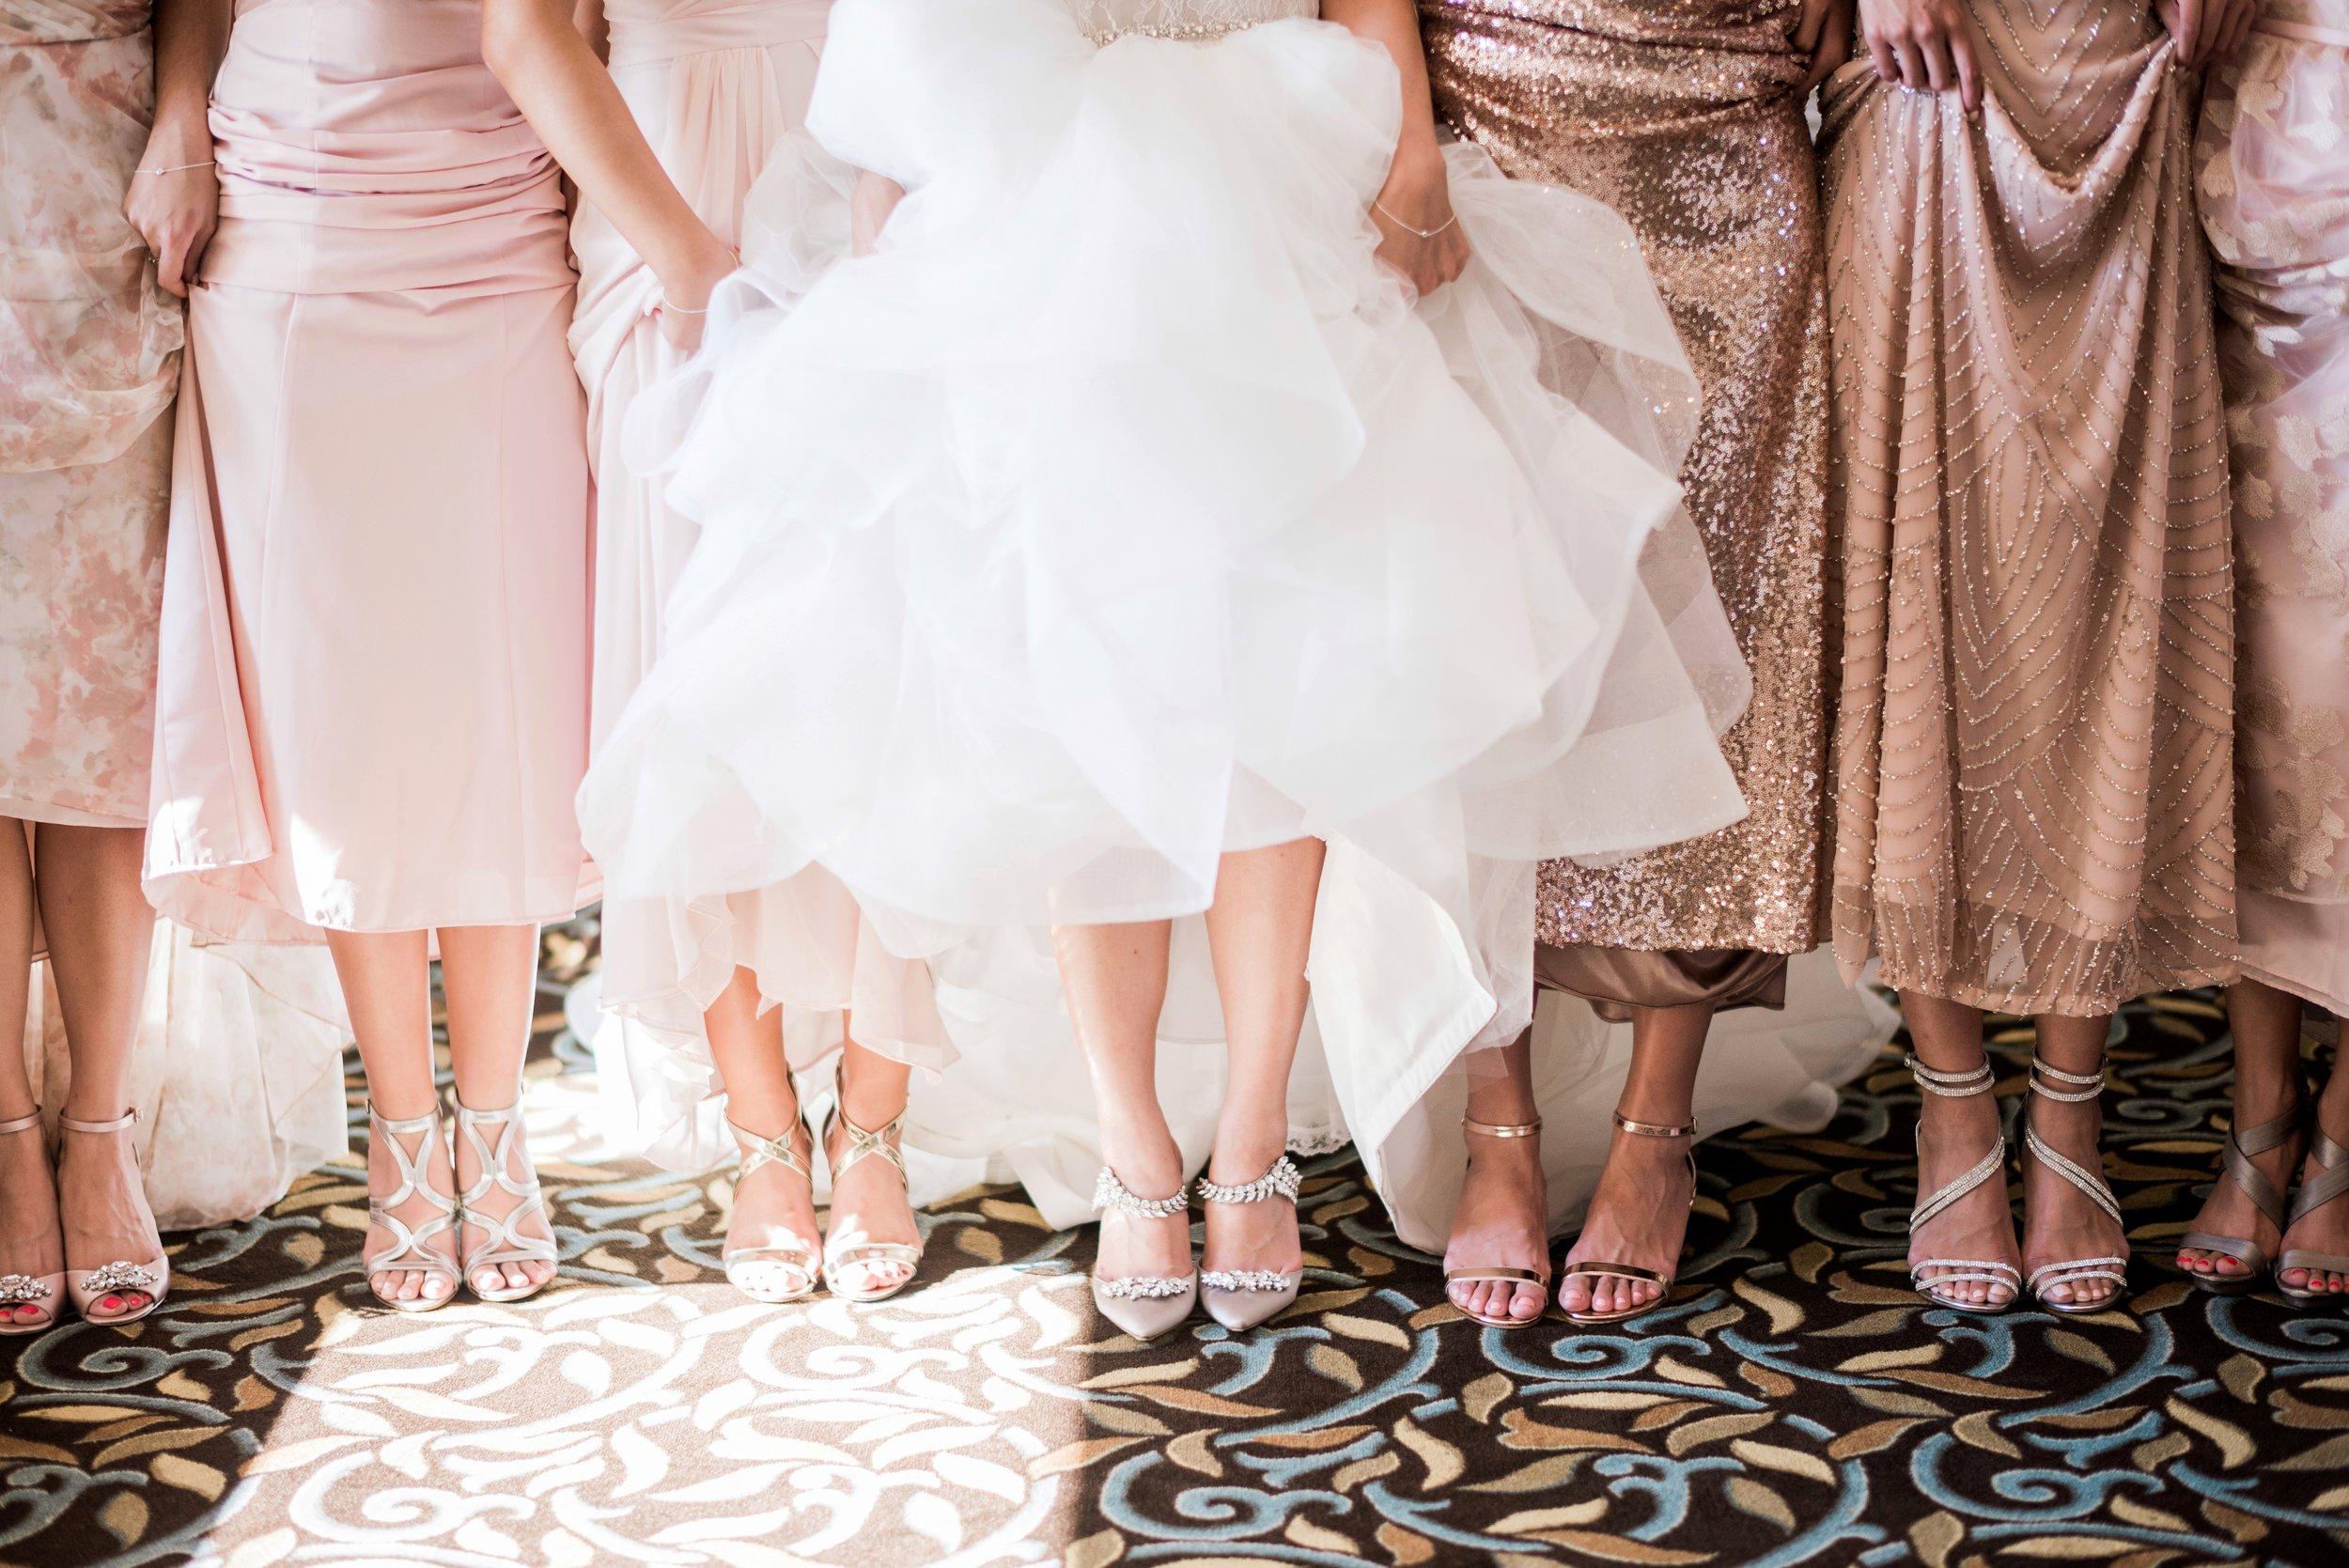 SOmething NEW - Wedding Shoes